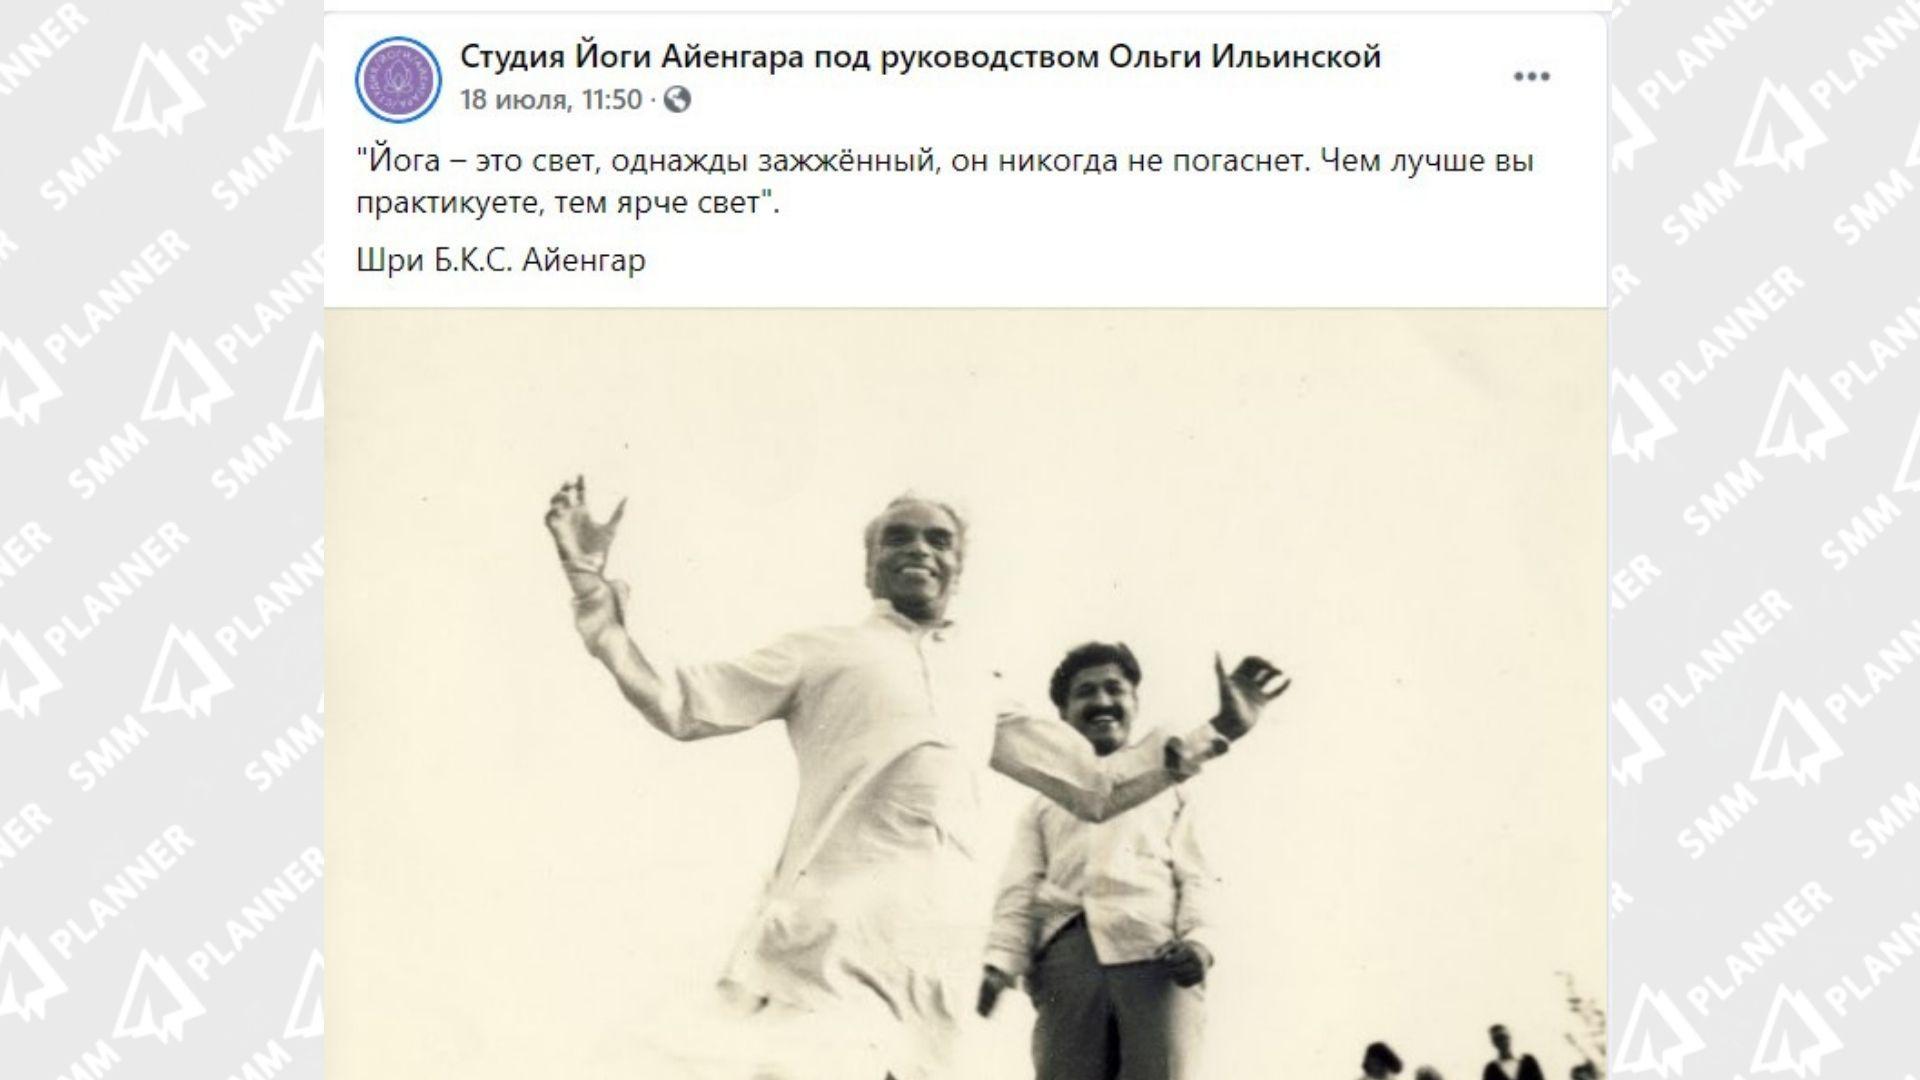 На всякий случай: это отец-основатель айенгар-йоги, который практиковал ее больше 70 лет и считался выдающимся мастером мирового уровня